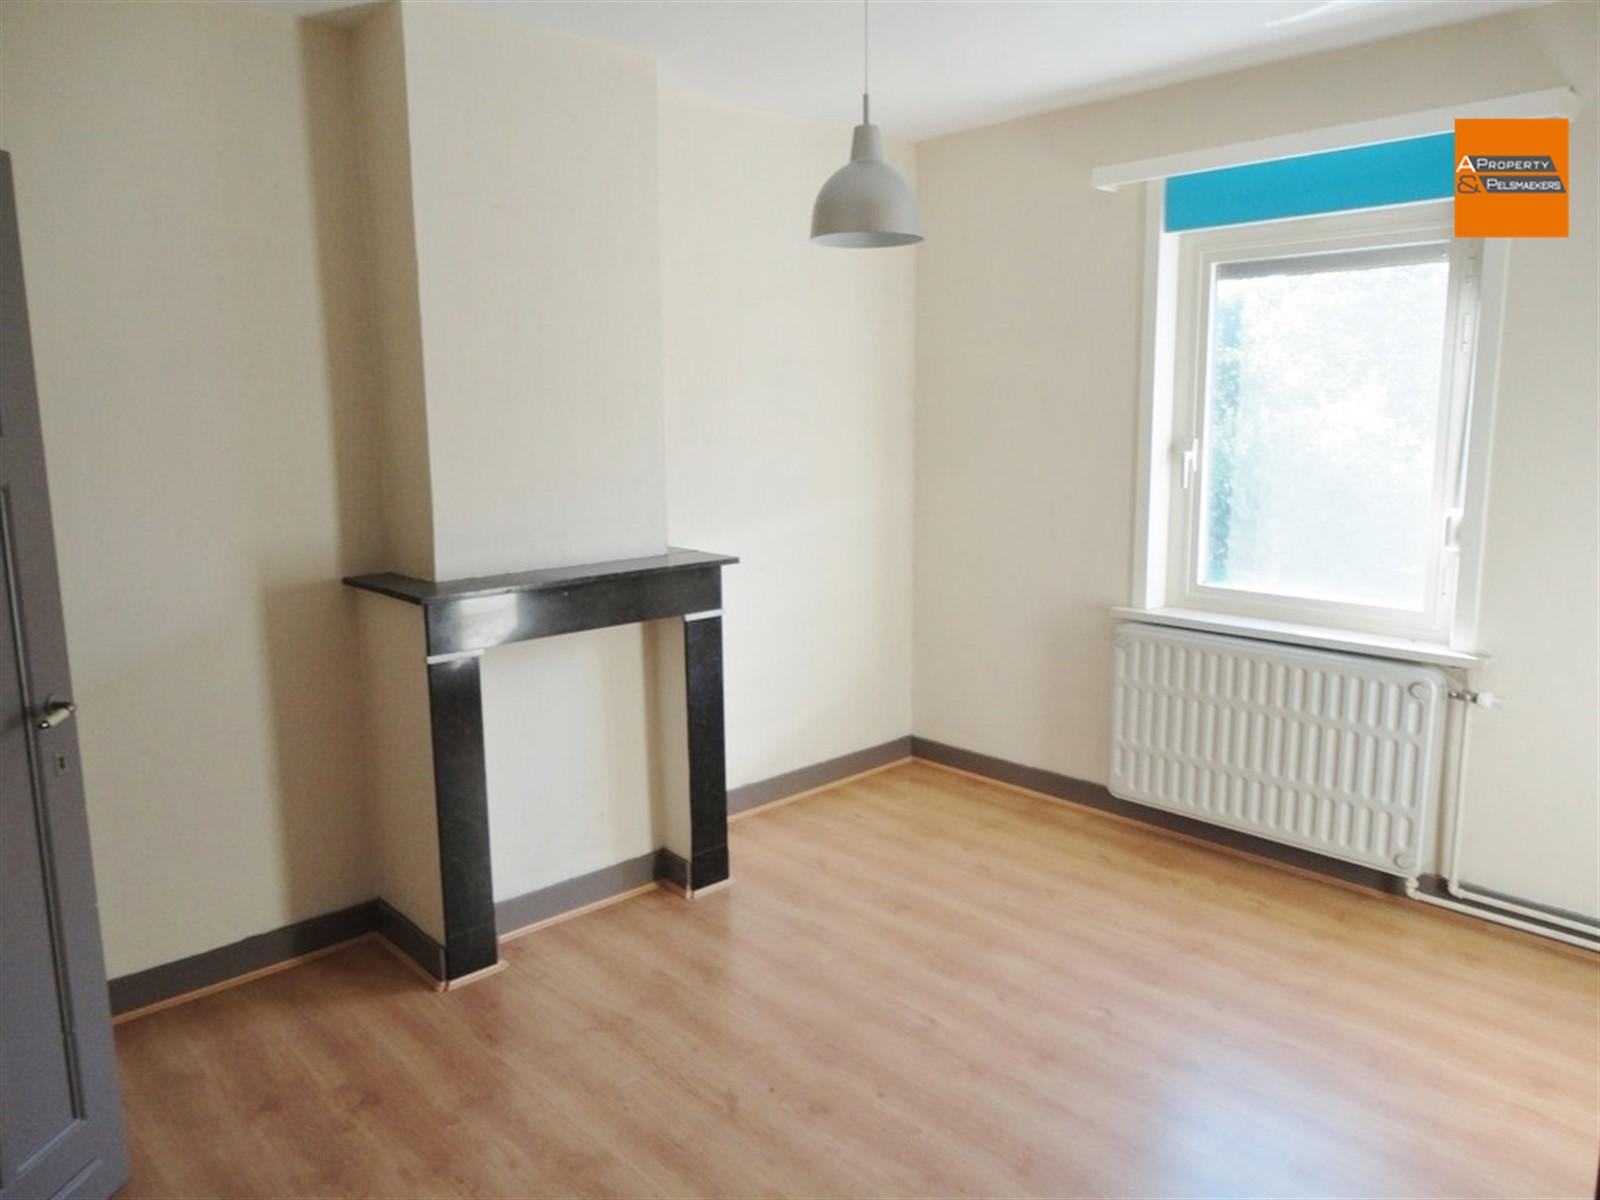 Foto 40 : Huis in 3061 Leefdaal (België) - Prijs € 890